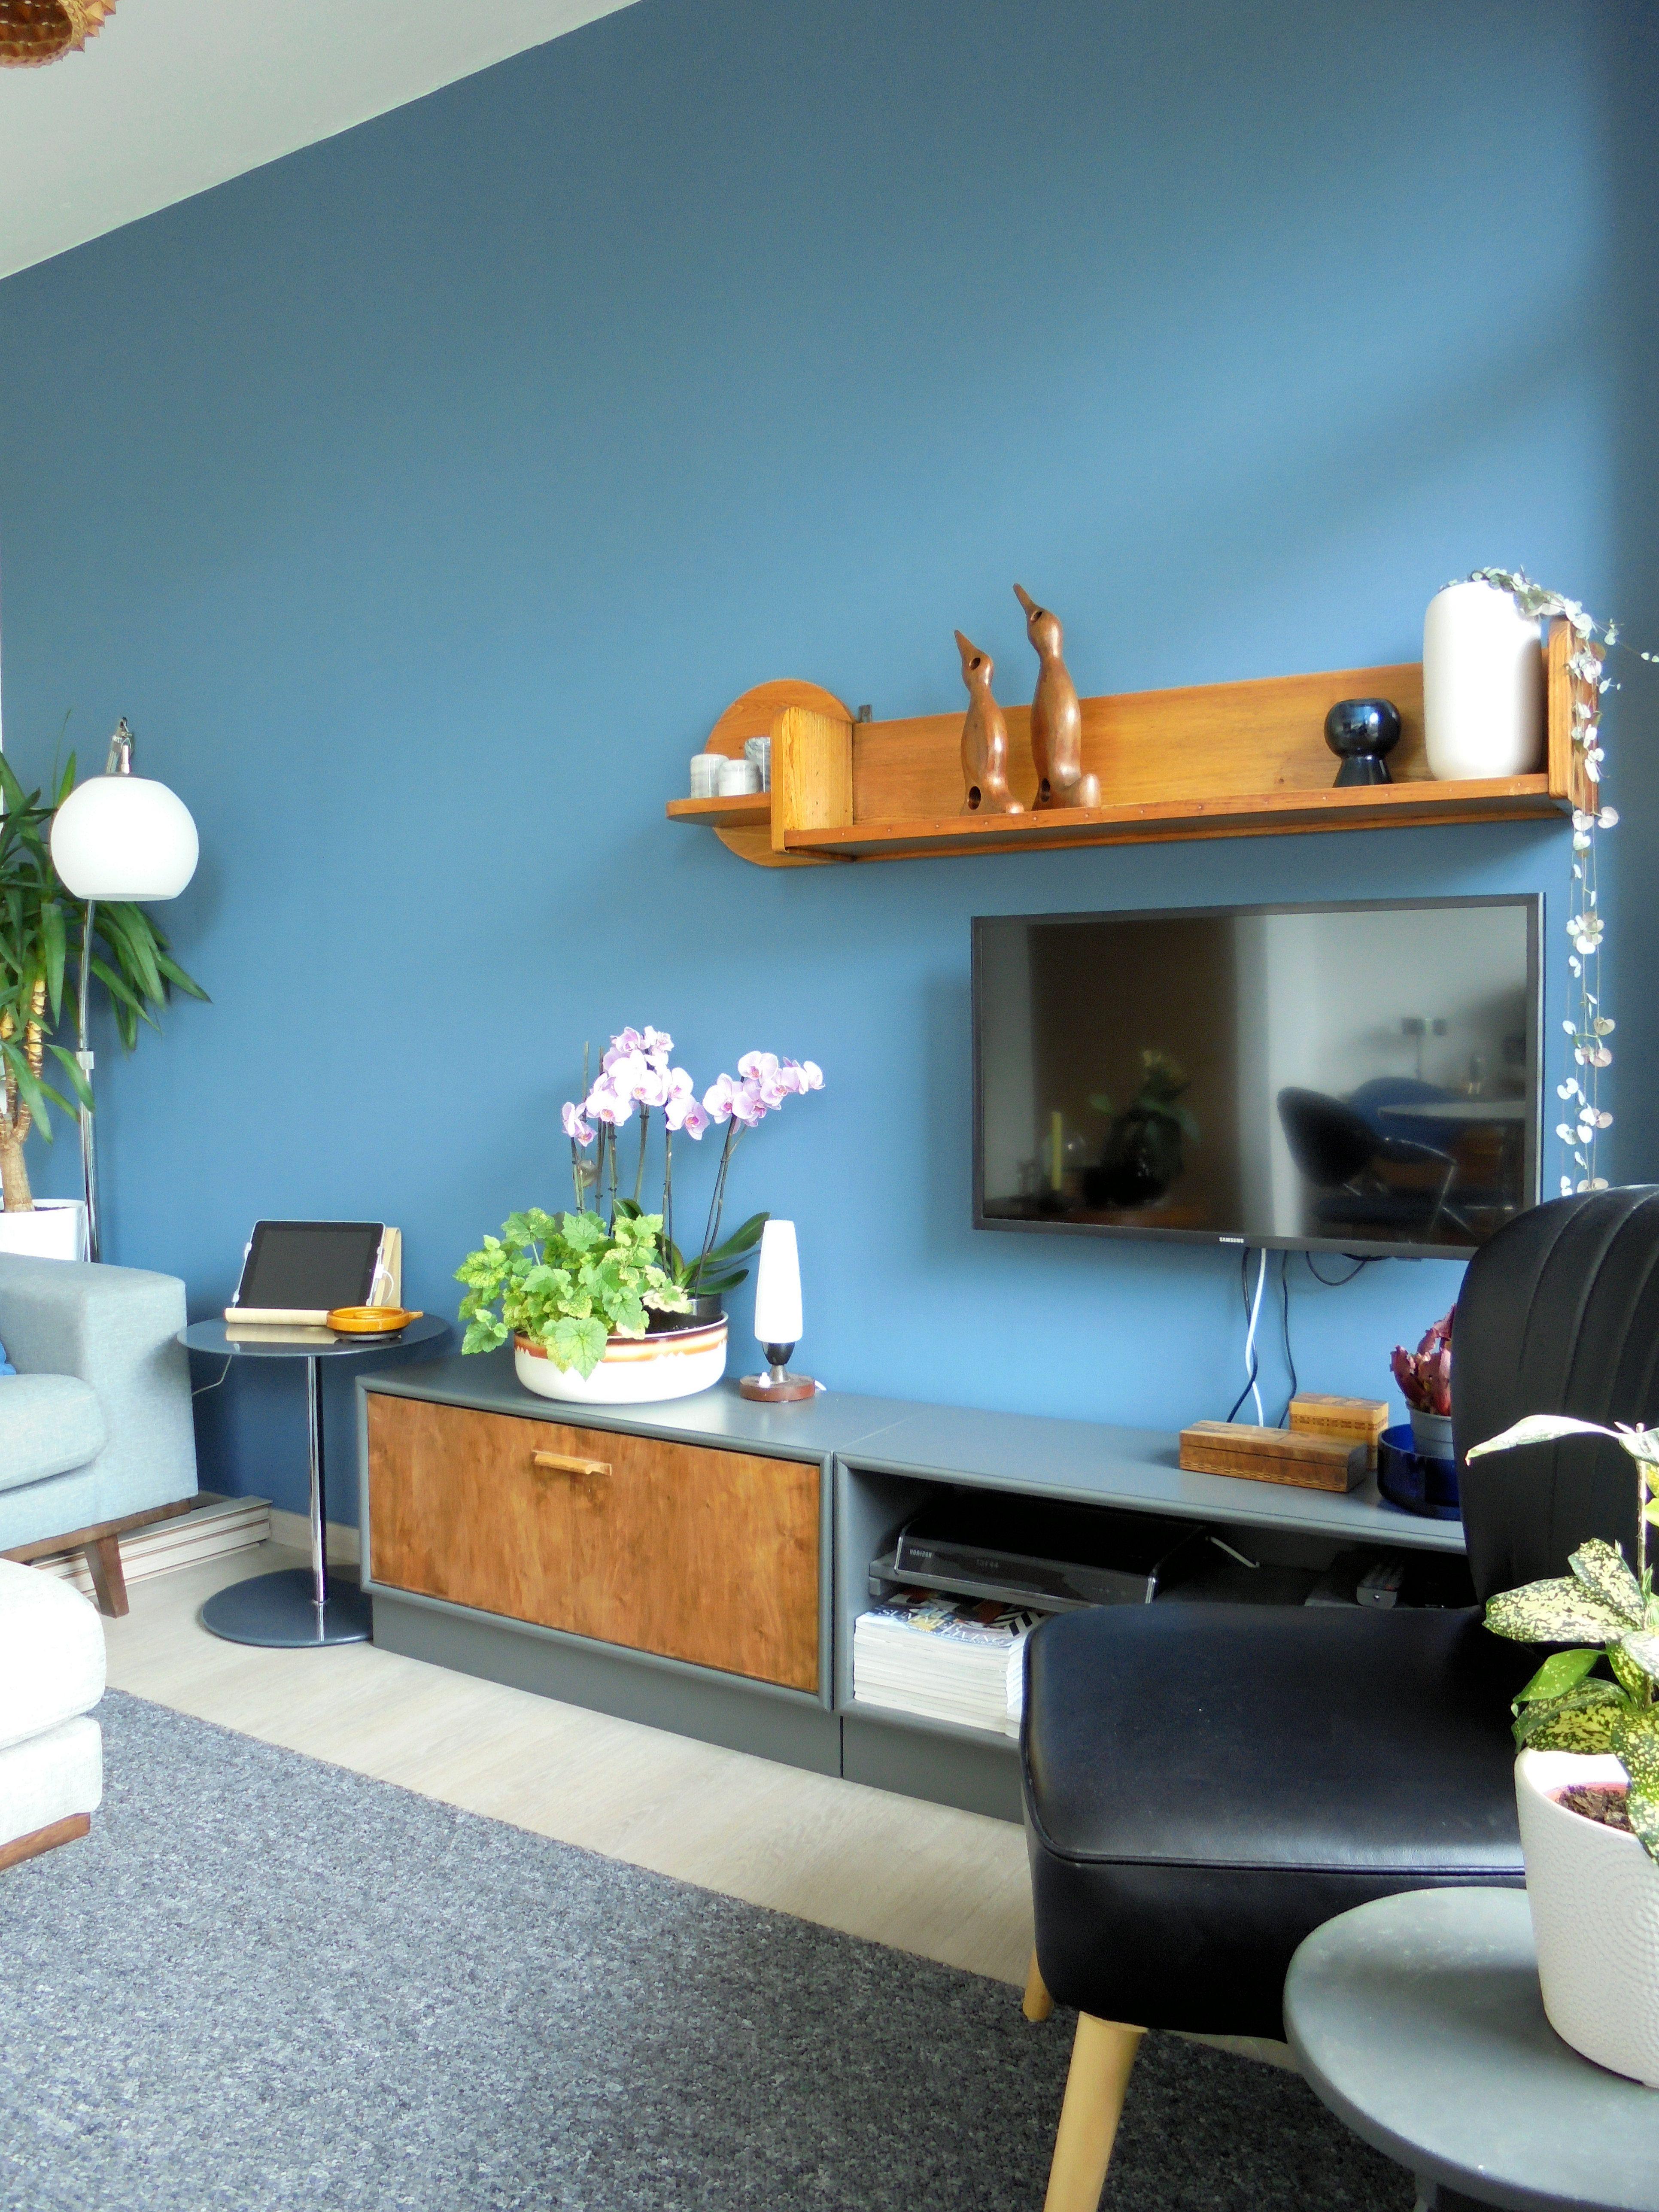 Latest de woonkamer the livingroom bank en hocker torino for Merk stoelen